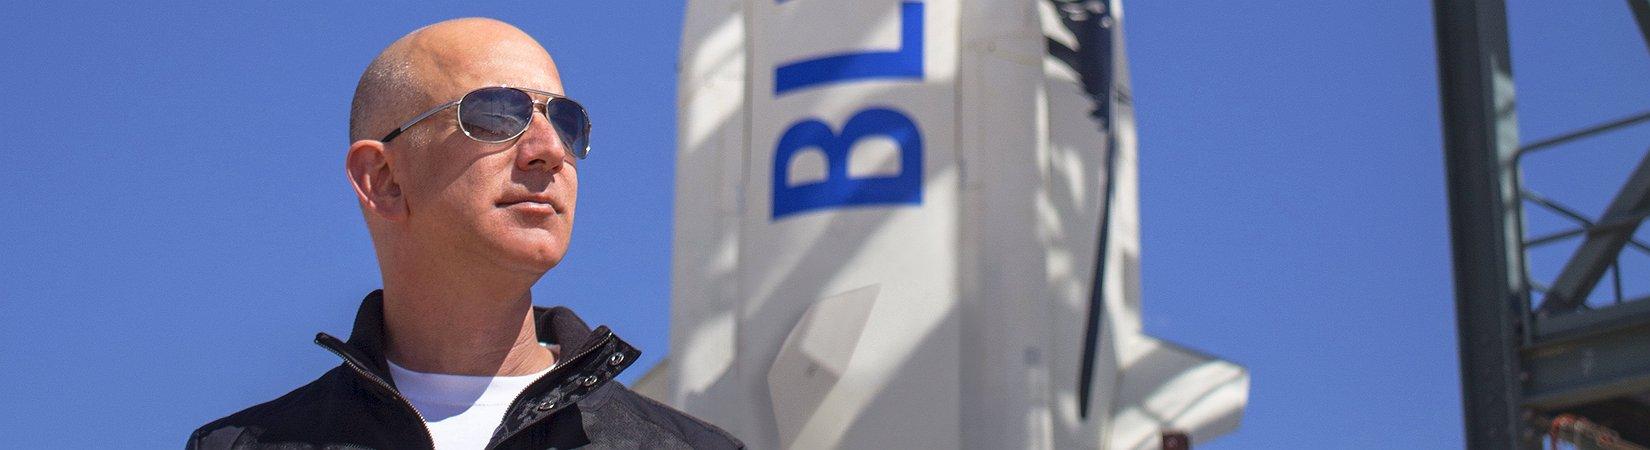 14 hechos asombrosos sobre Jeff Bezos